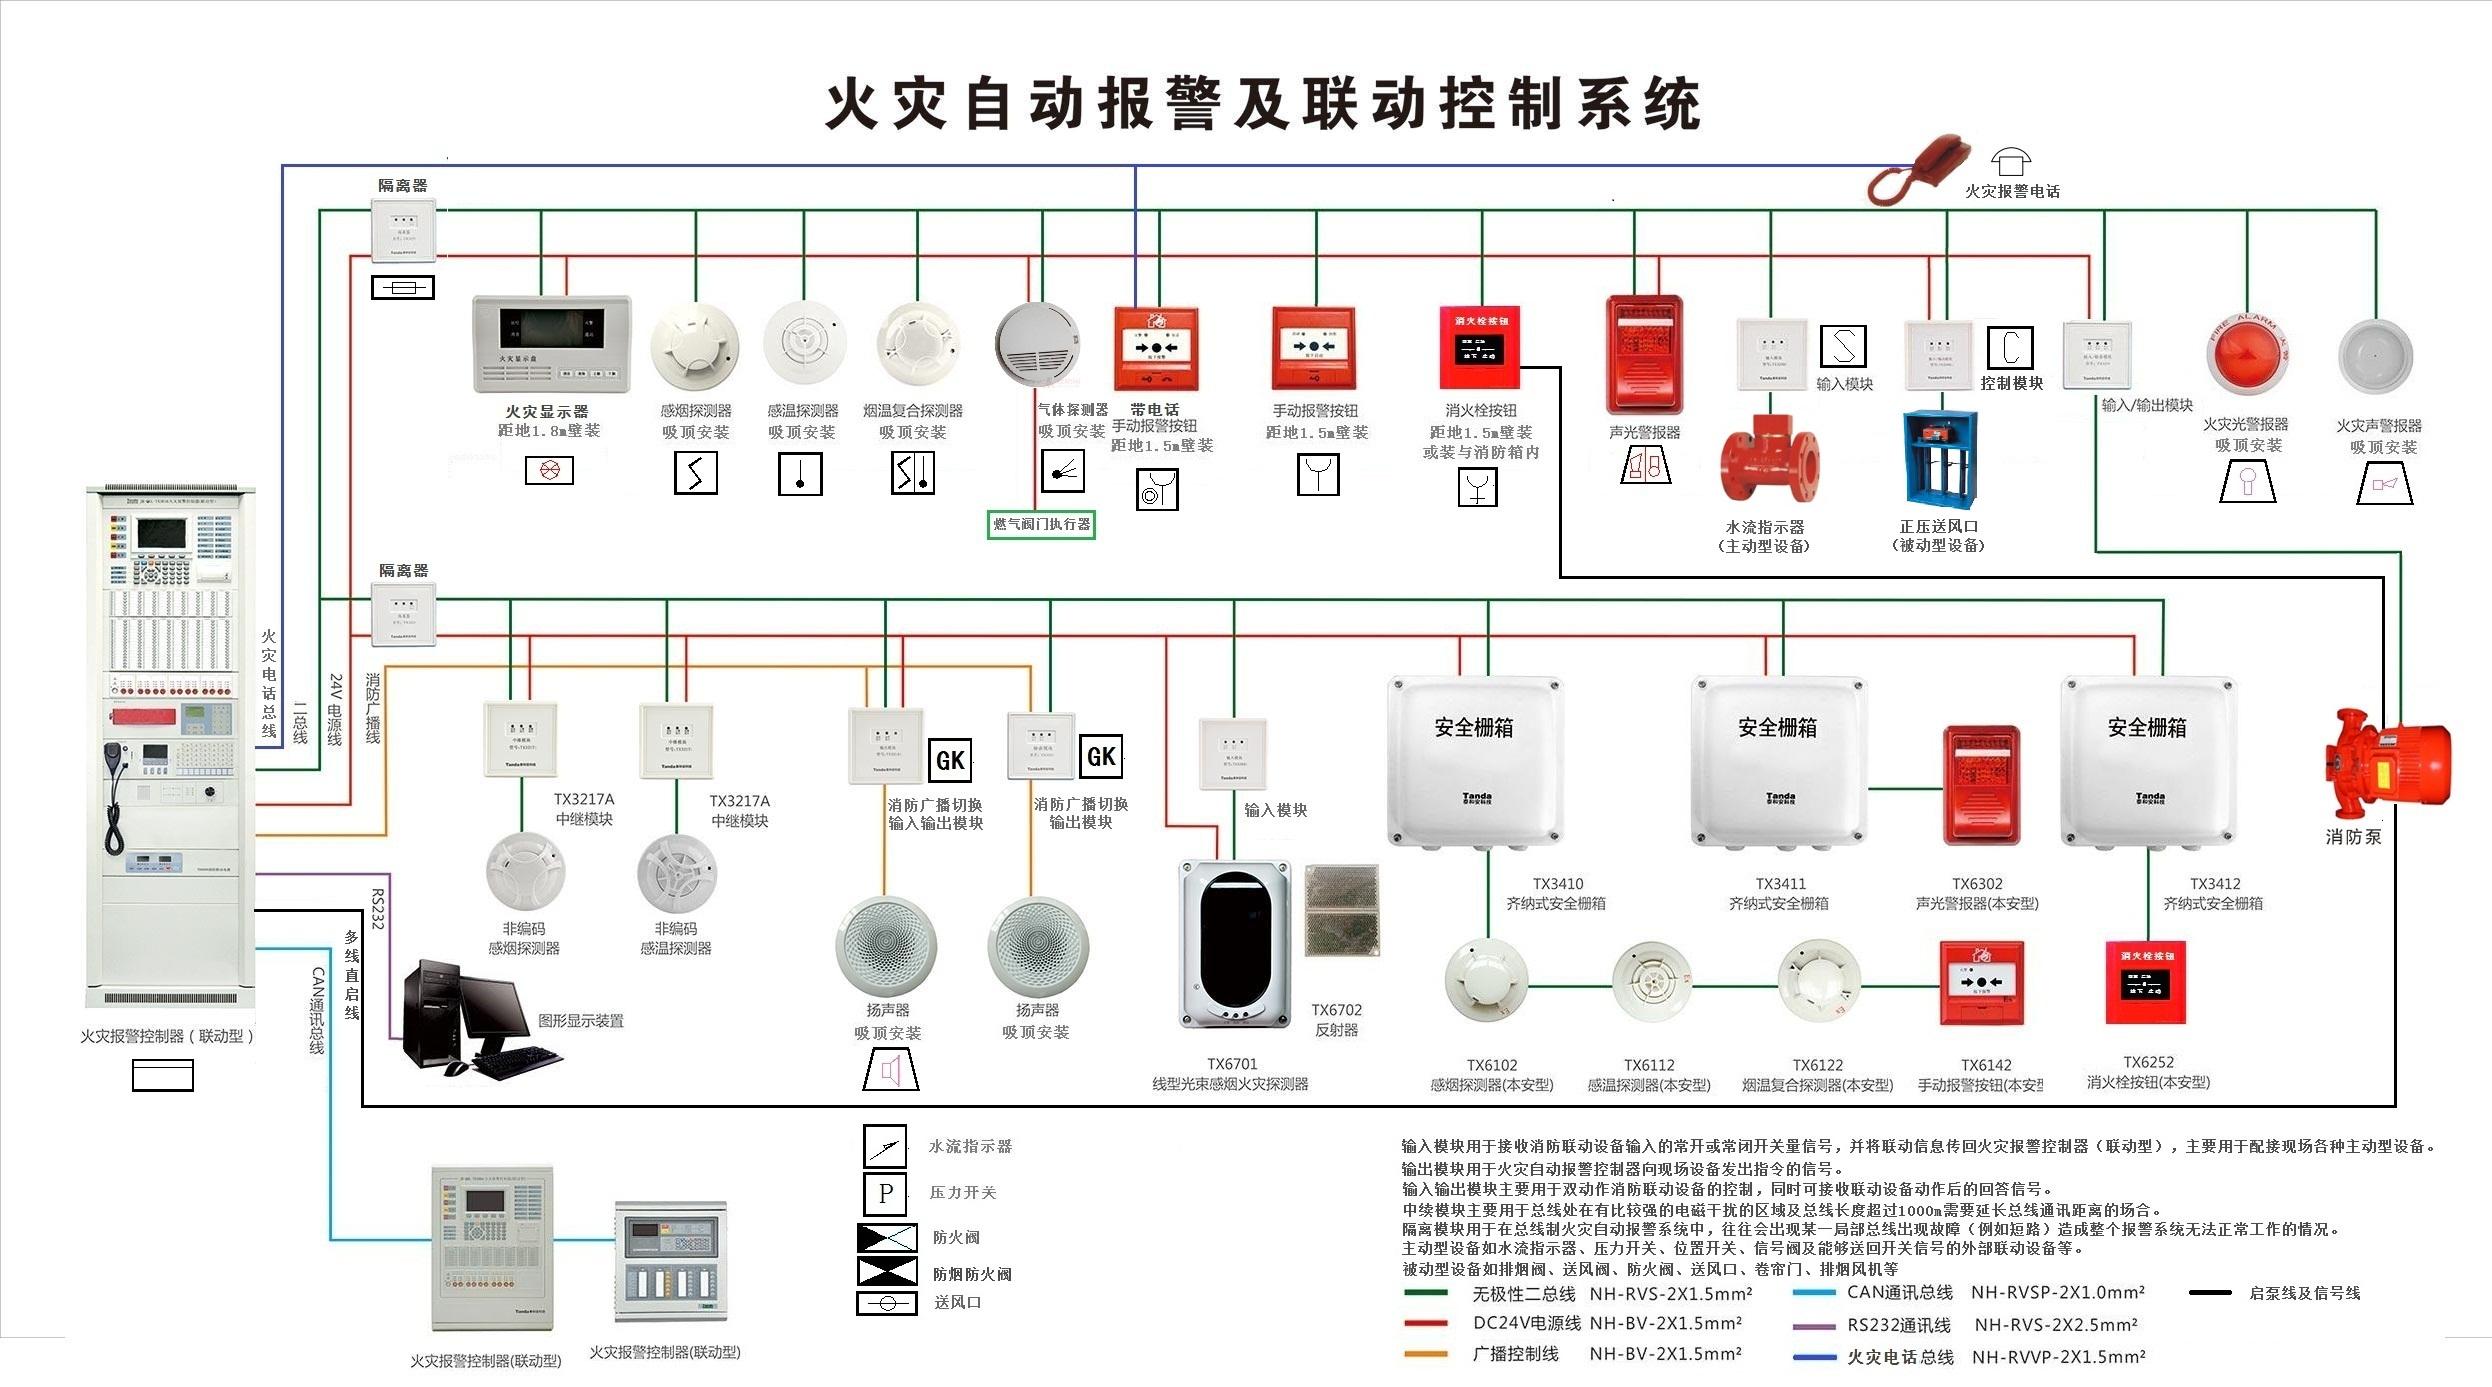 消防系统_消防系统有哪些总线类型-